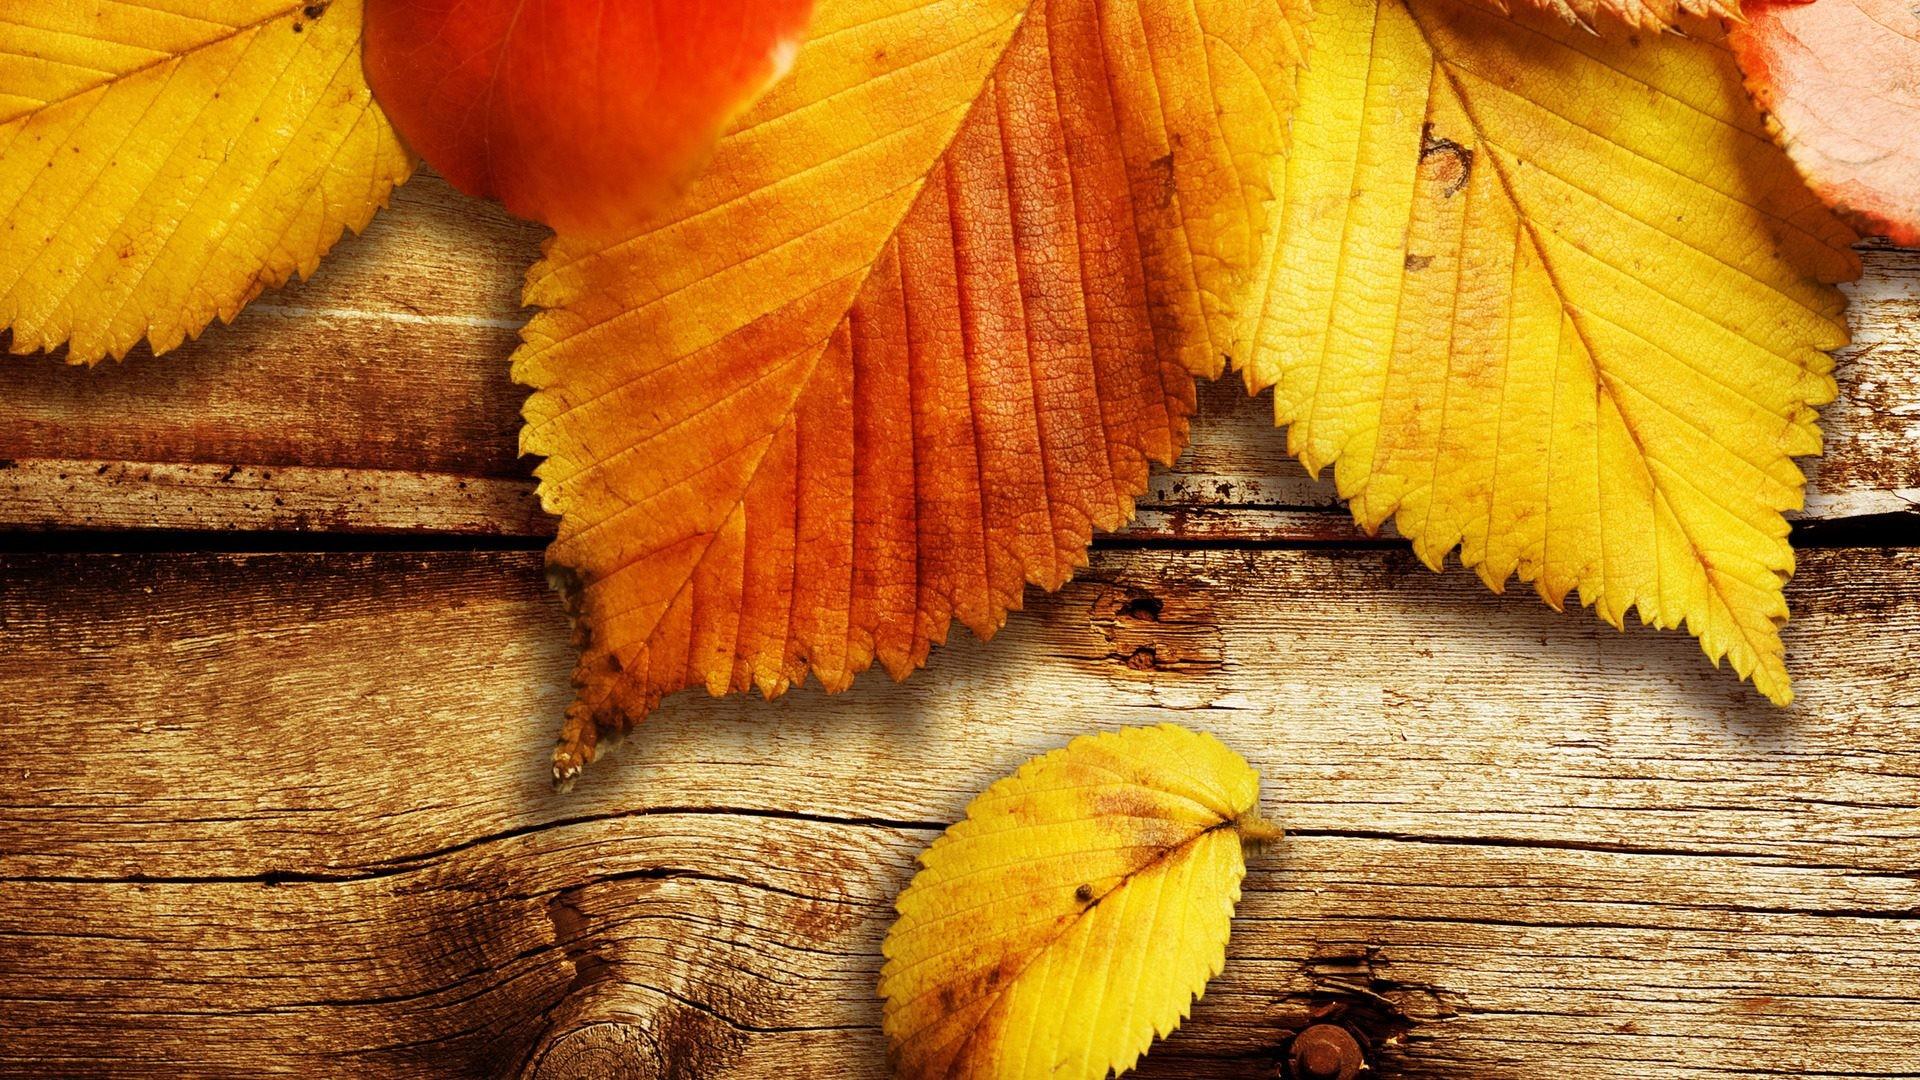 … hojas-de-otoño-para-fondos-de-pantalla-hd …